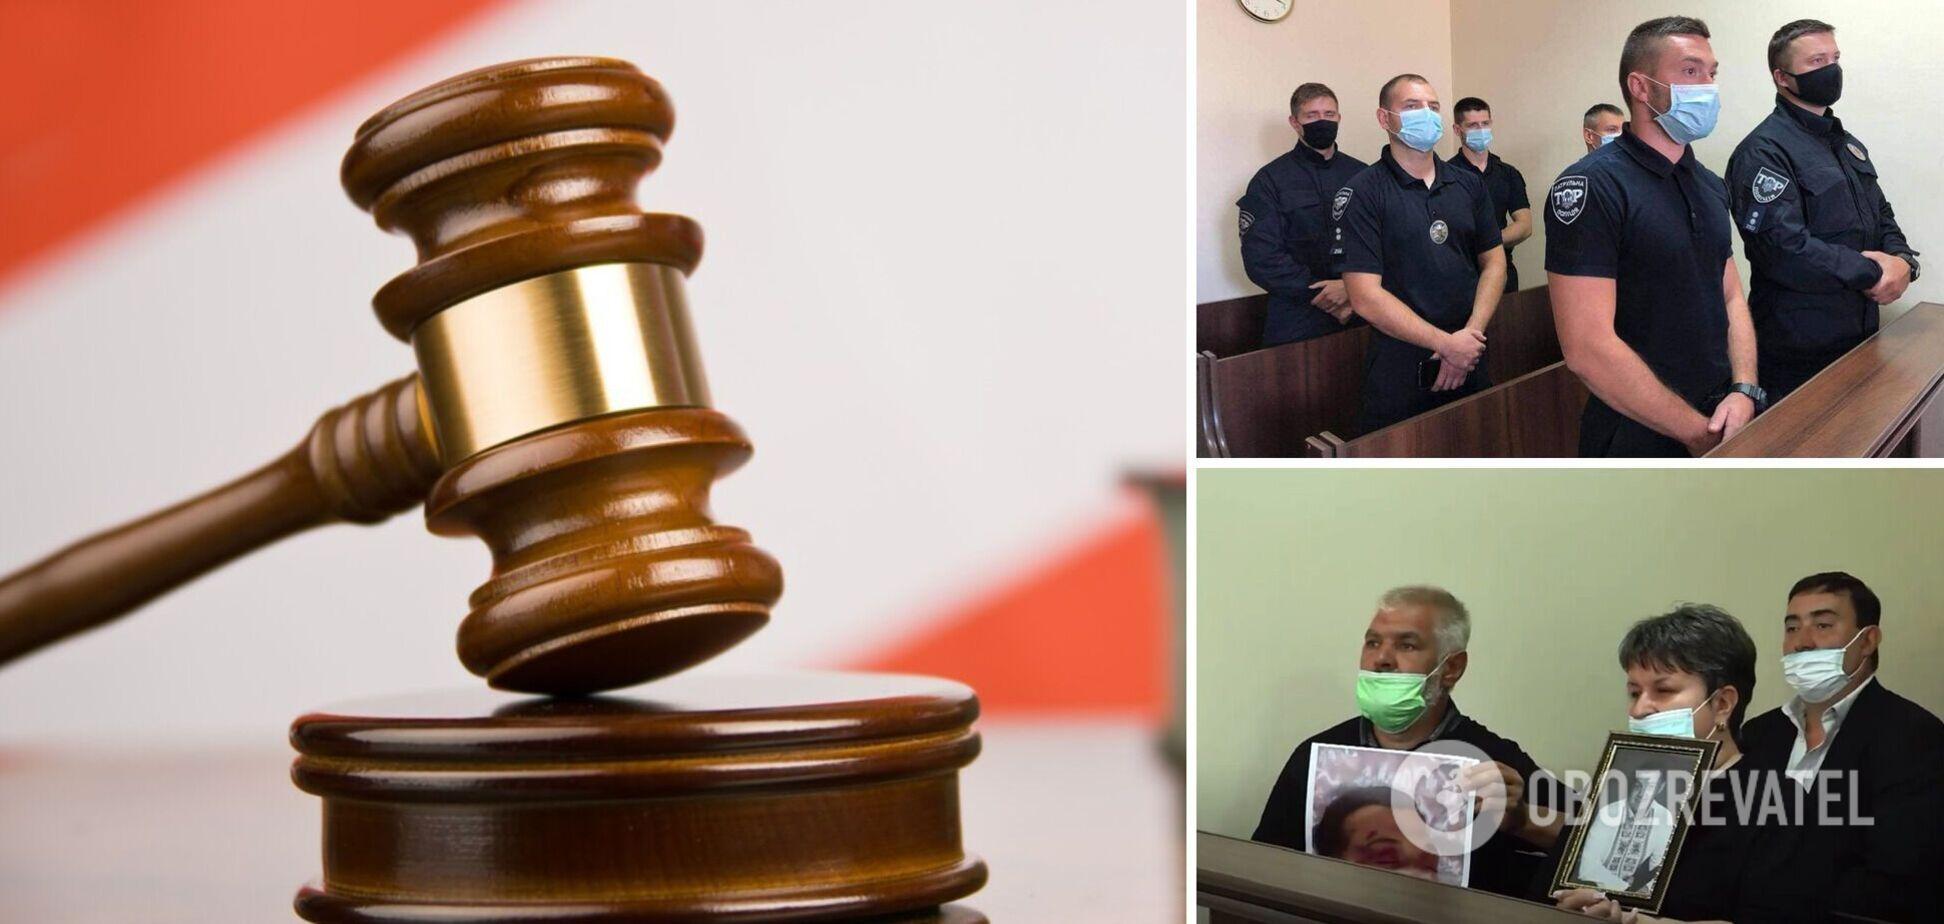 У Львові шістьох патрульних відправили до в'язниці через смерть підозрюваного. Фото і відео